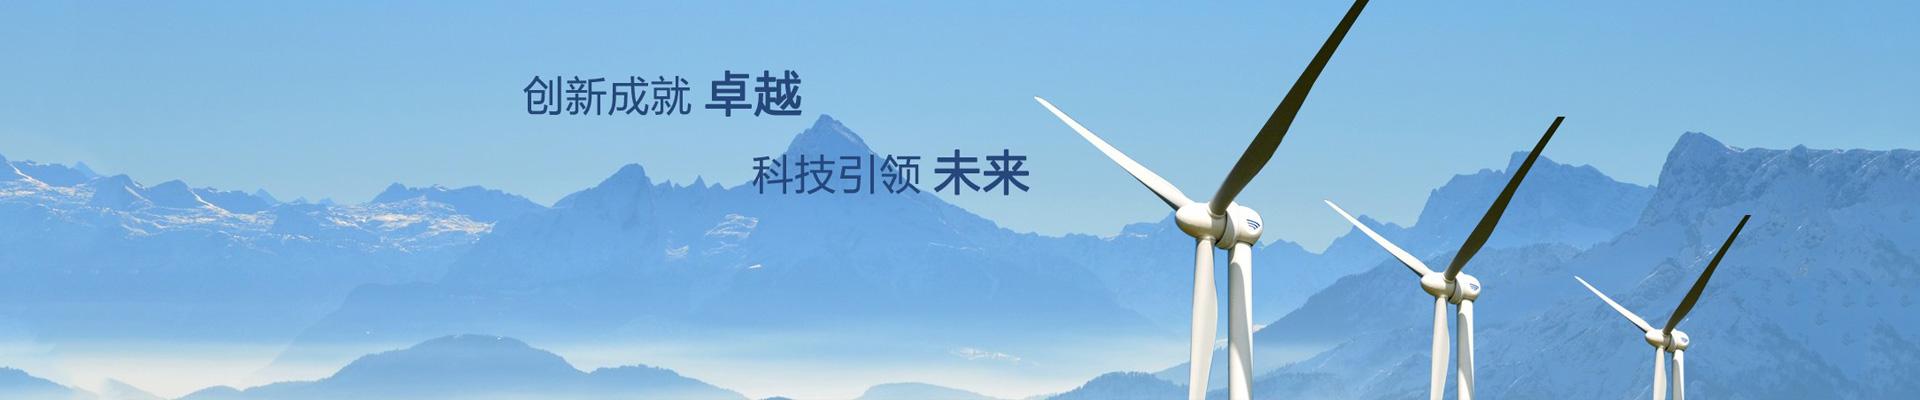 安徽卓越电力设备有限公司-banner